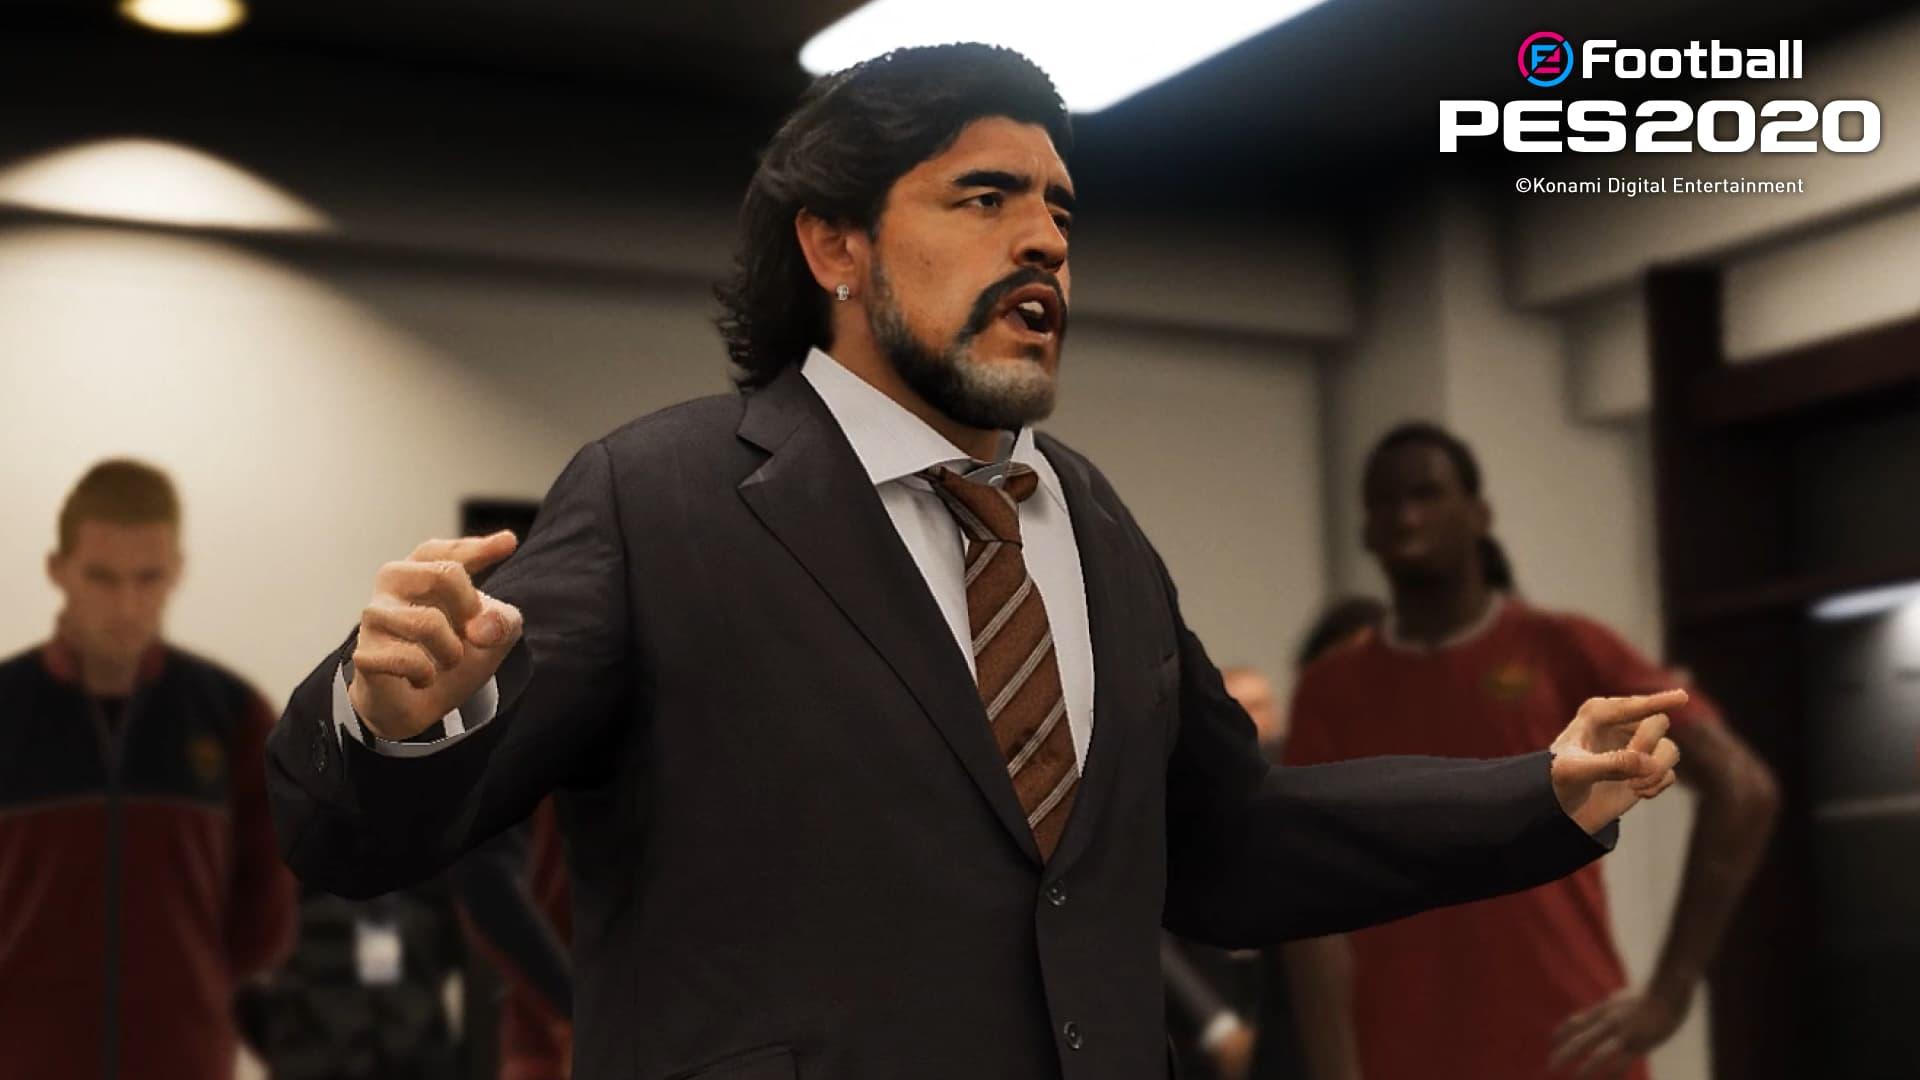 L'argentin Diego Maradona est l'un des coachs légendaires disponibles : spectacle garanti !